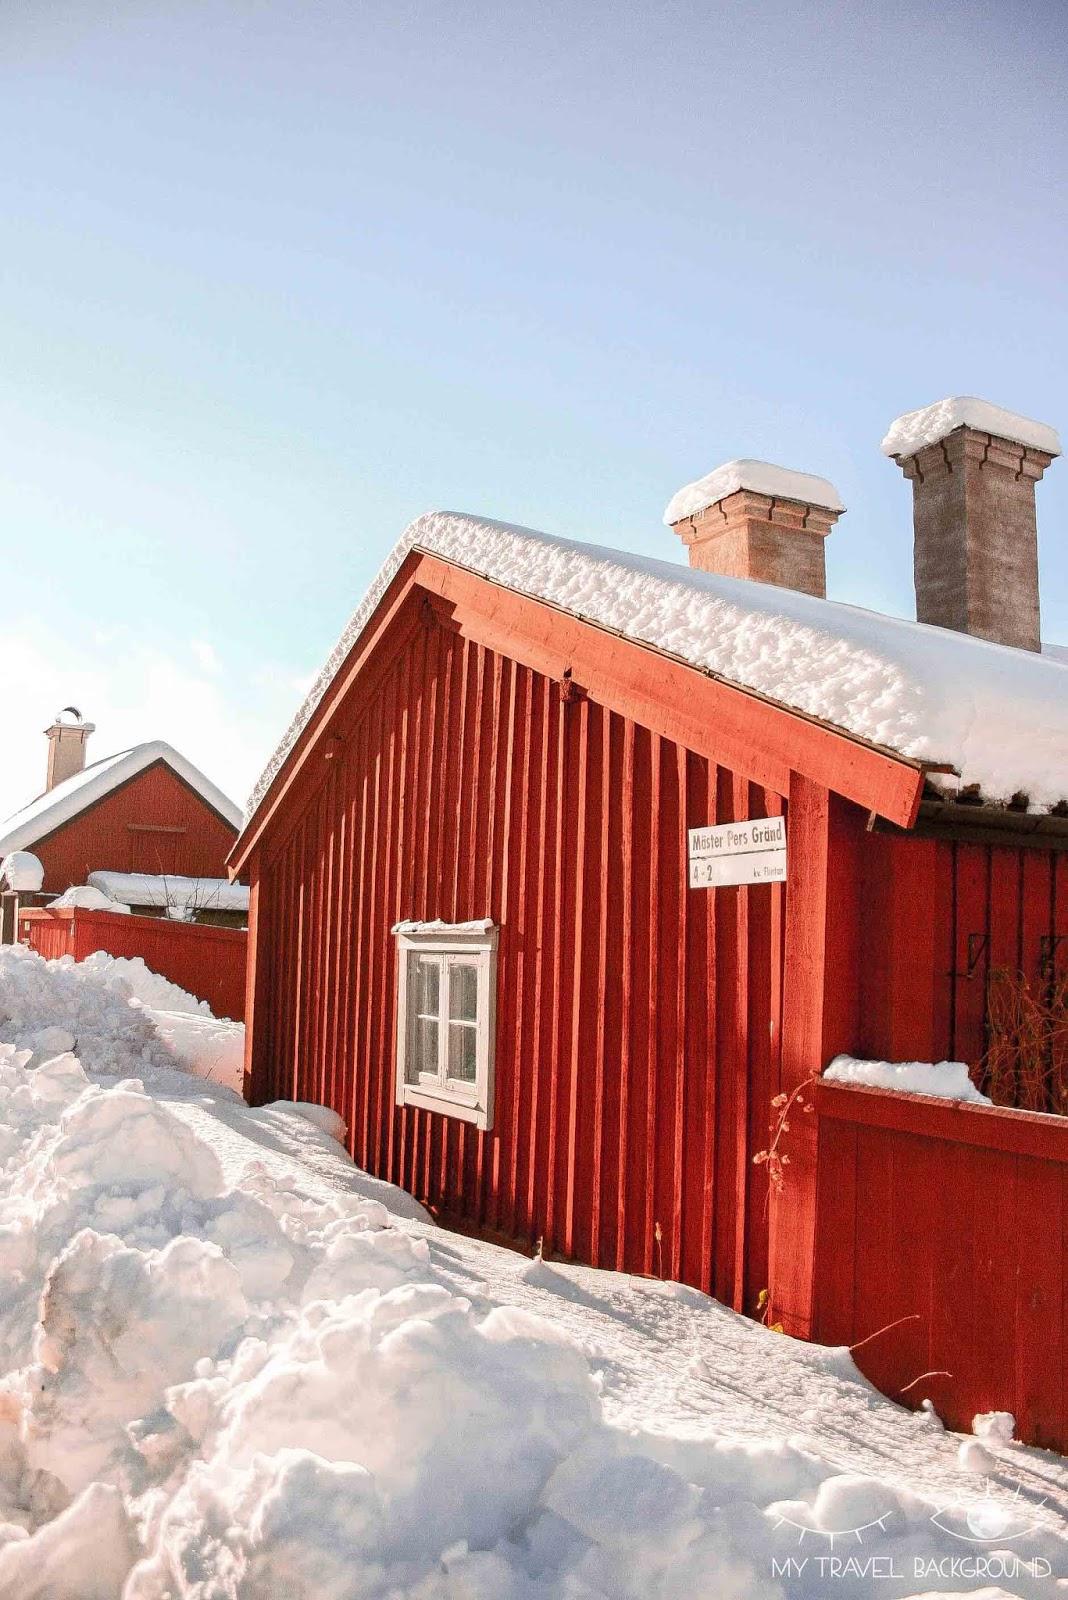 My Travel Background : photographier Stockholm : où trouver les plus belles vues ?  - Maisons rouges traditionnelles